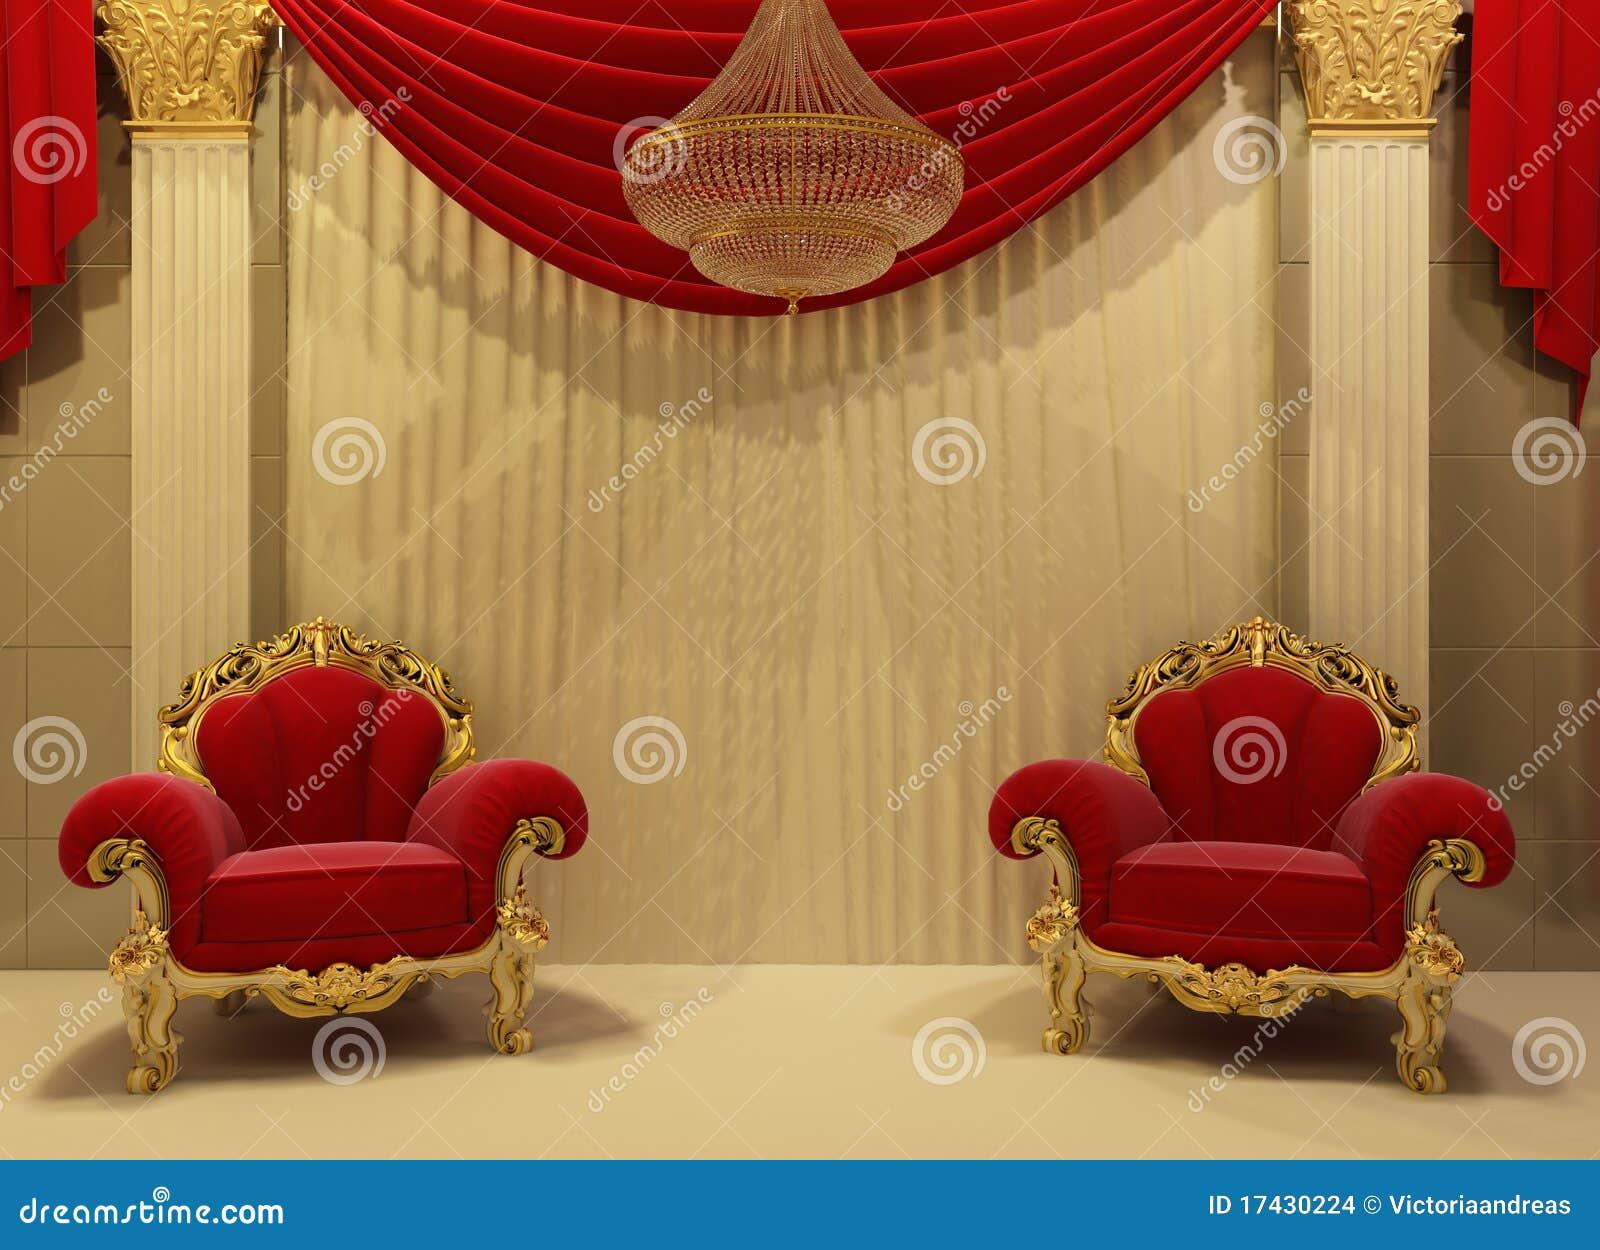 Muebles barrocos en interior real Imagenes de archivo